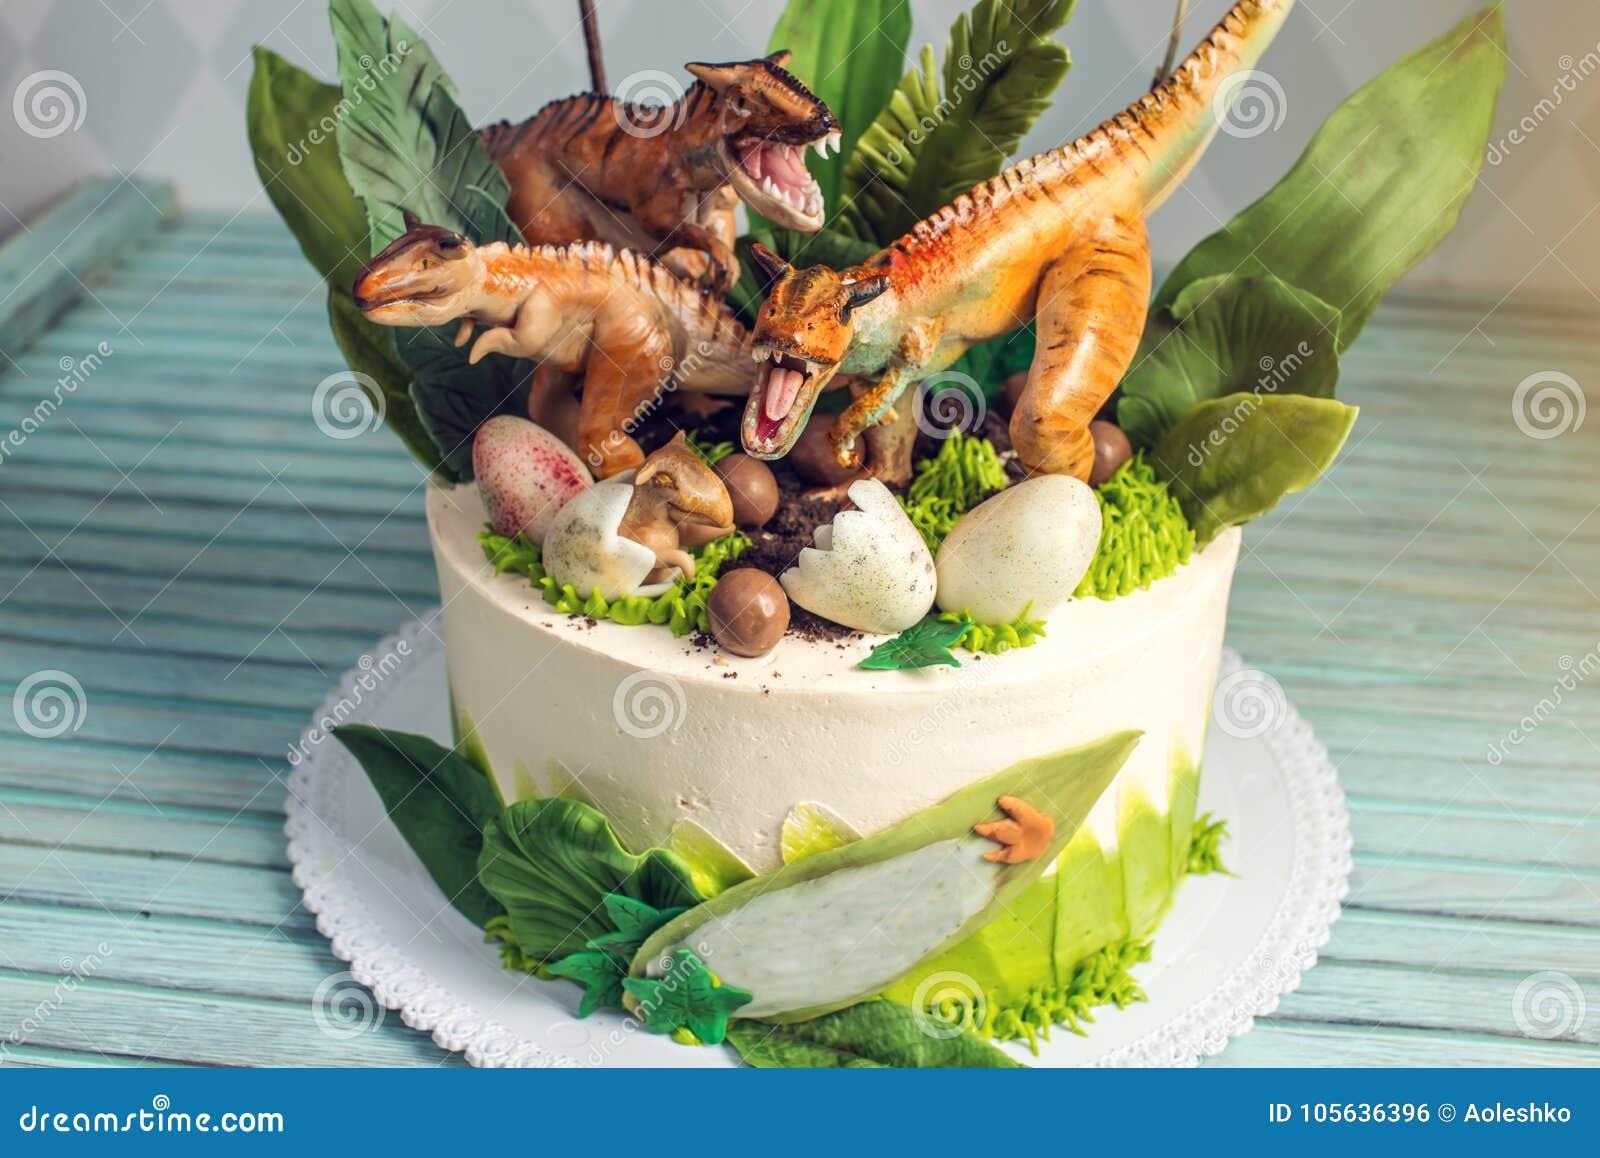 Weisser Kuchen Des Feiertags Der Kinder Verziert Mit Dinosauriern Im